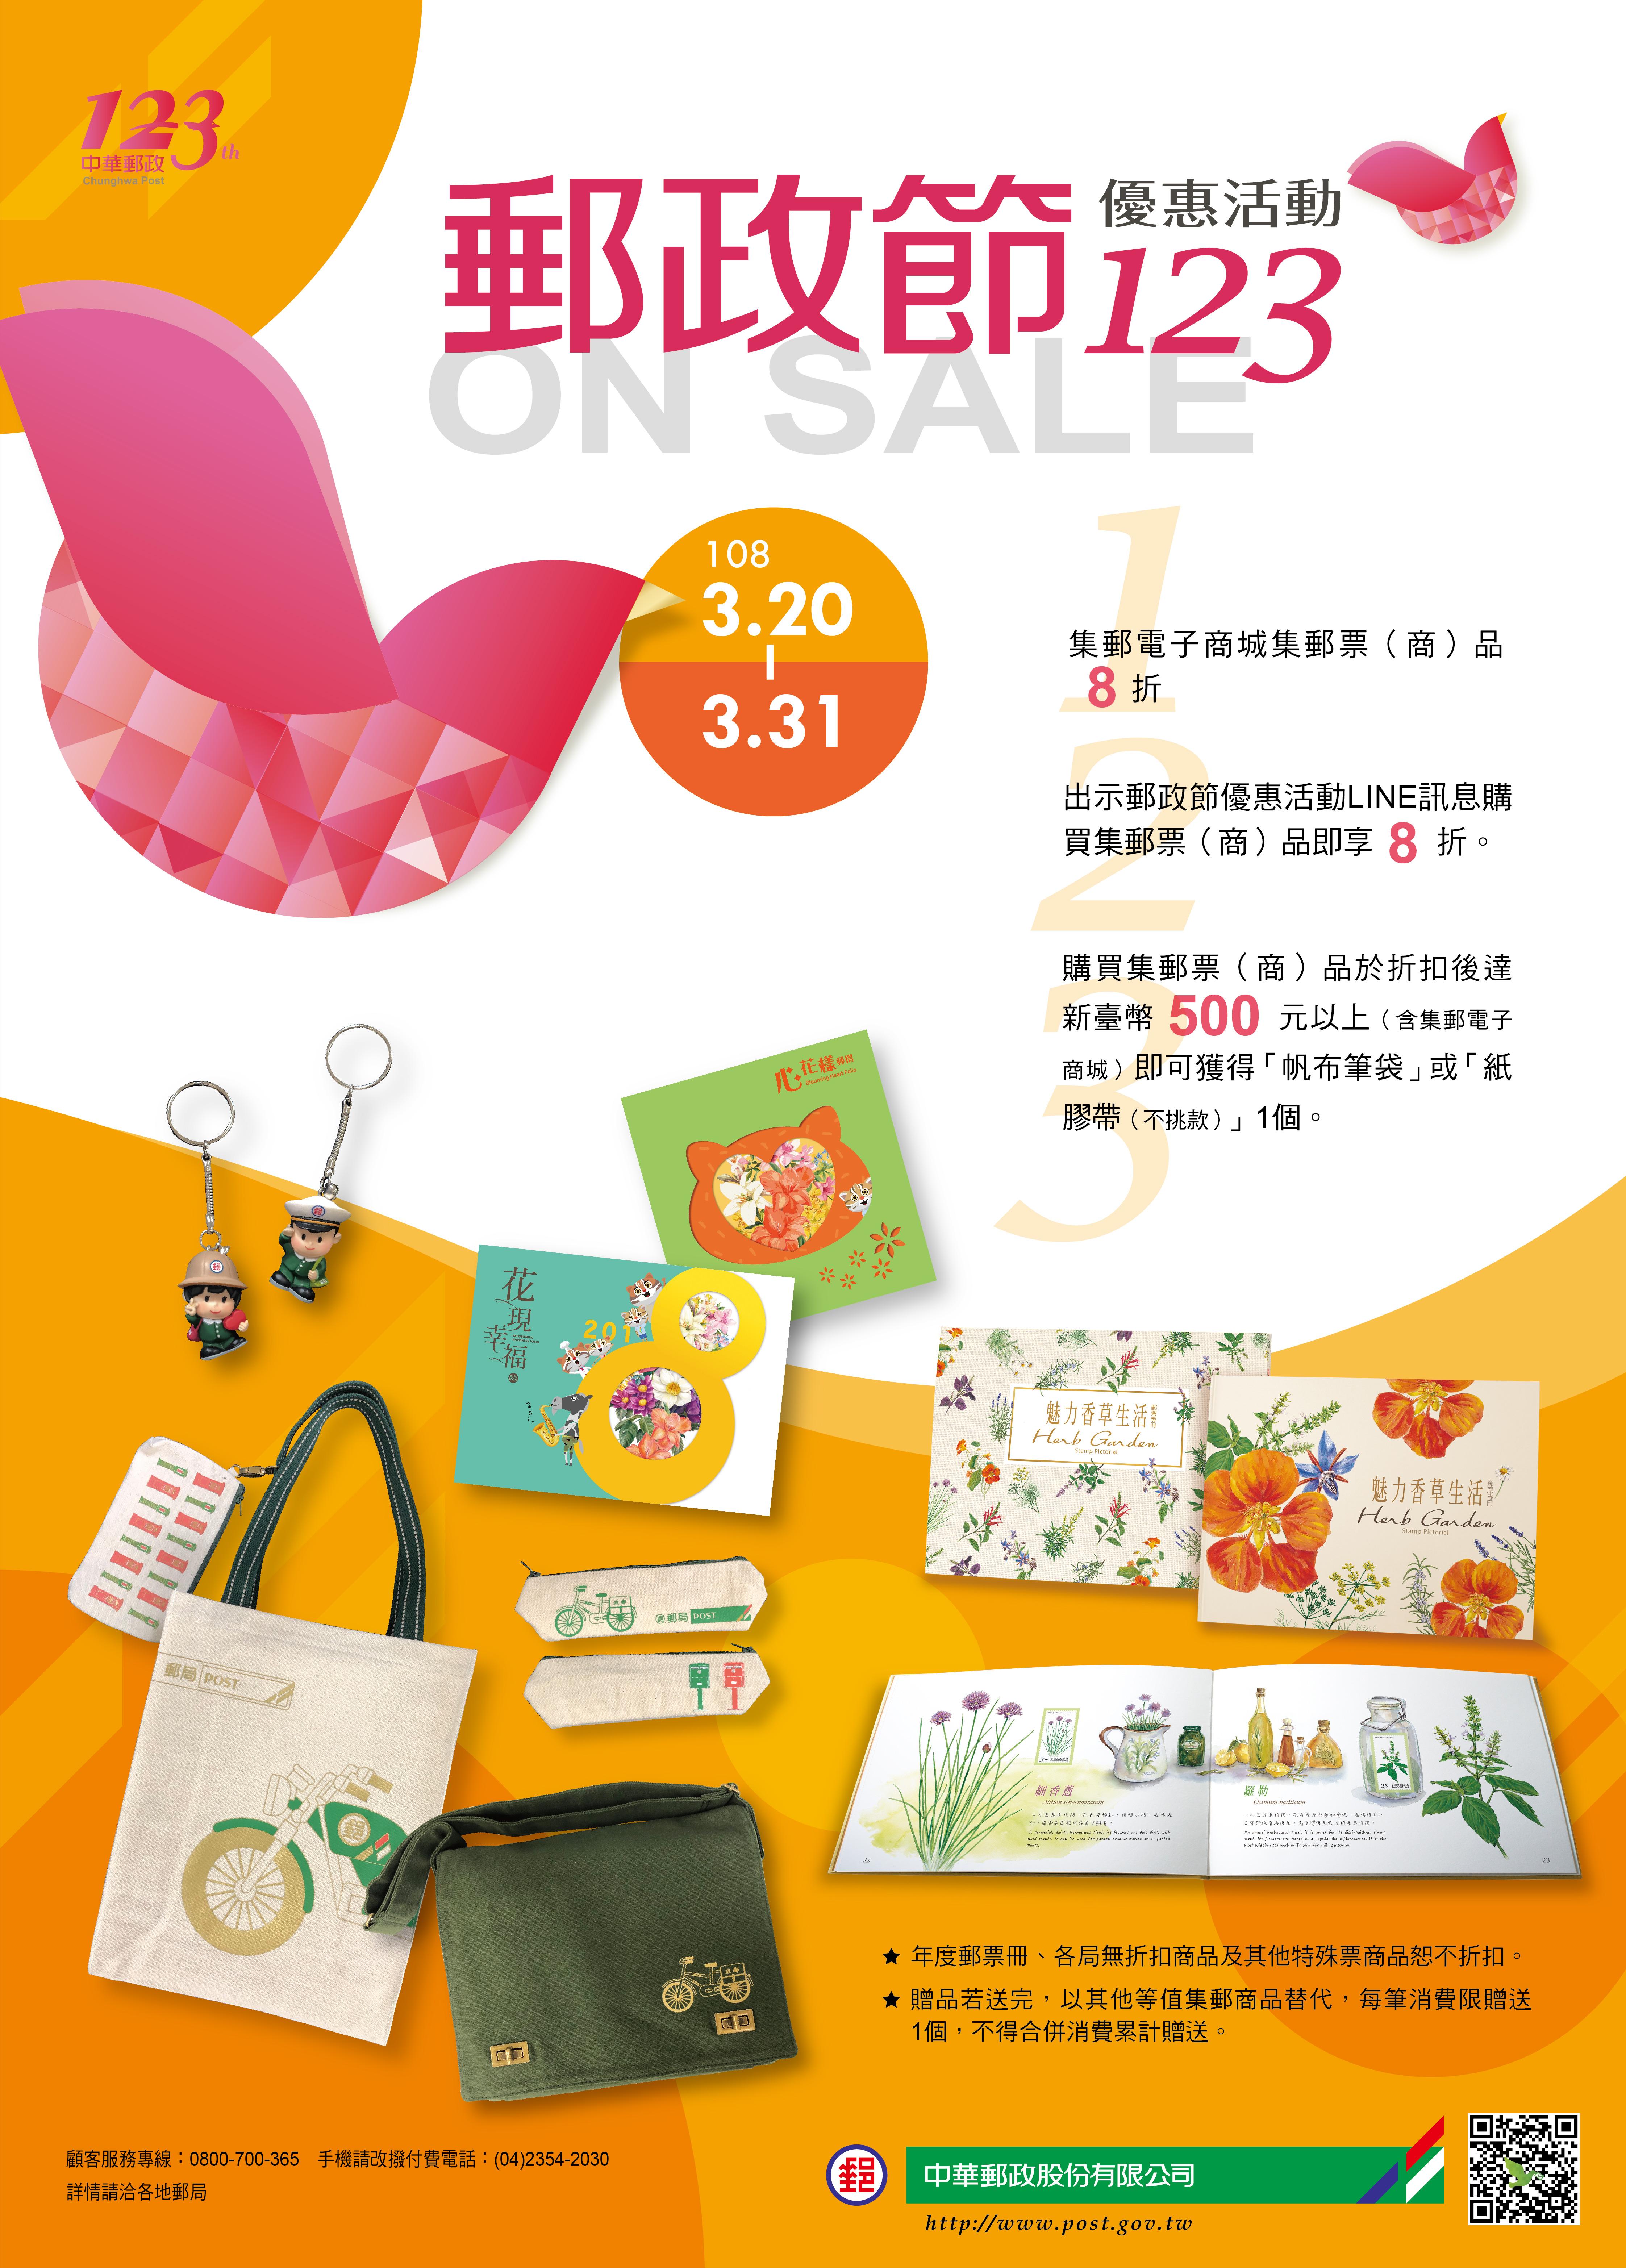 慶祝中華郵政123週年集郵票品及商品優惠活動要點